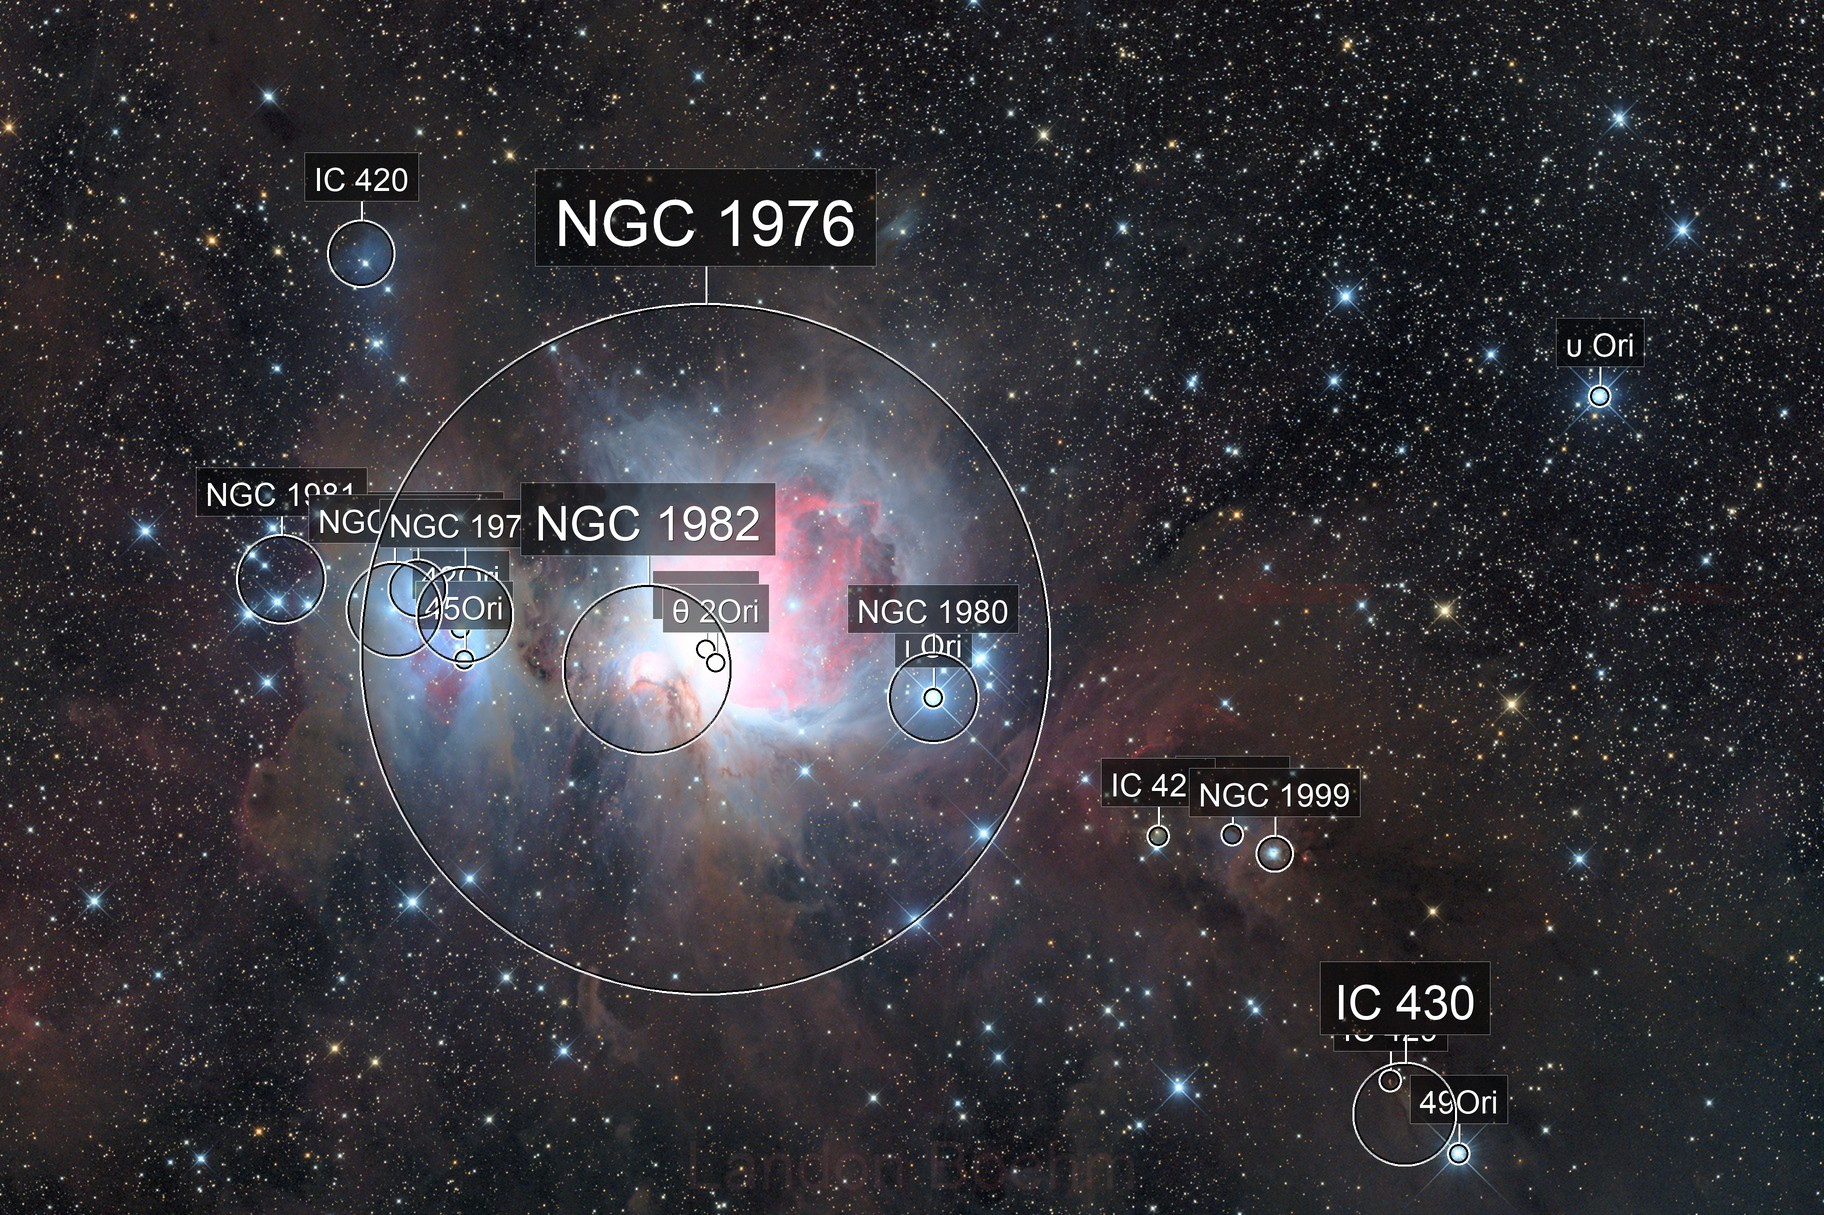 M42/NGC1999